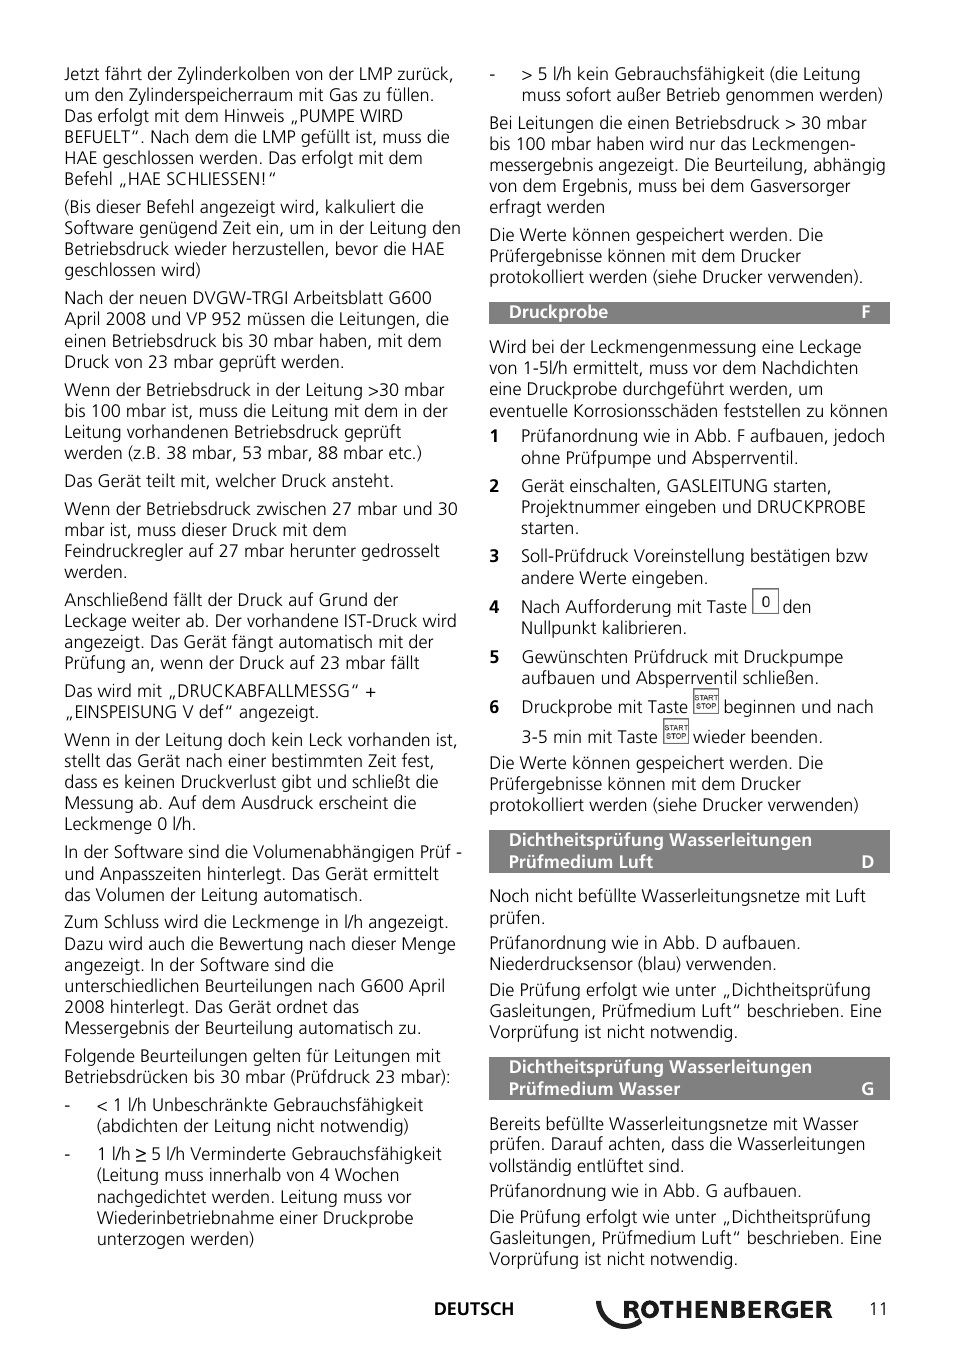 rothenberger rotest gw digital v2 3 usb user manual page 11 44. Black Bedroom Furniture Sets. Home Design Ideas